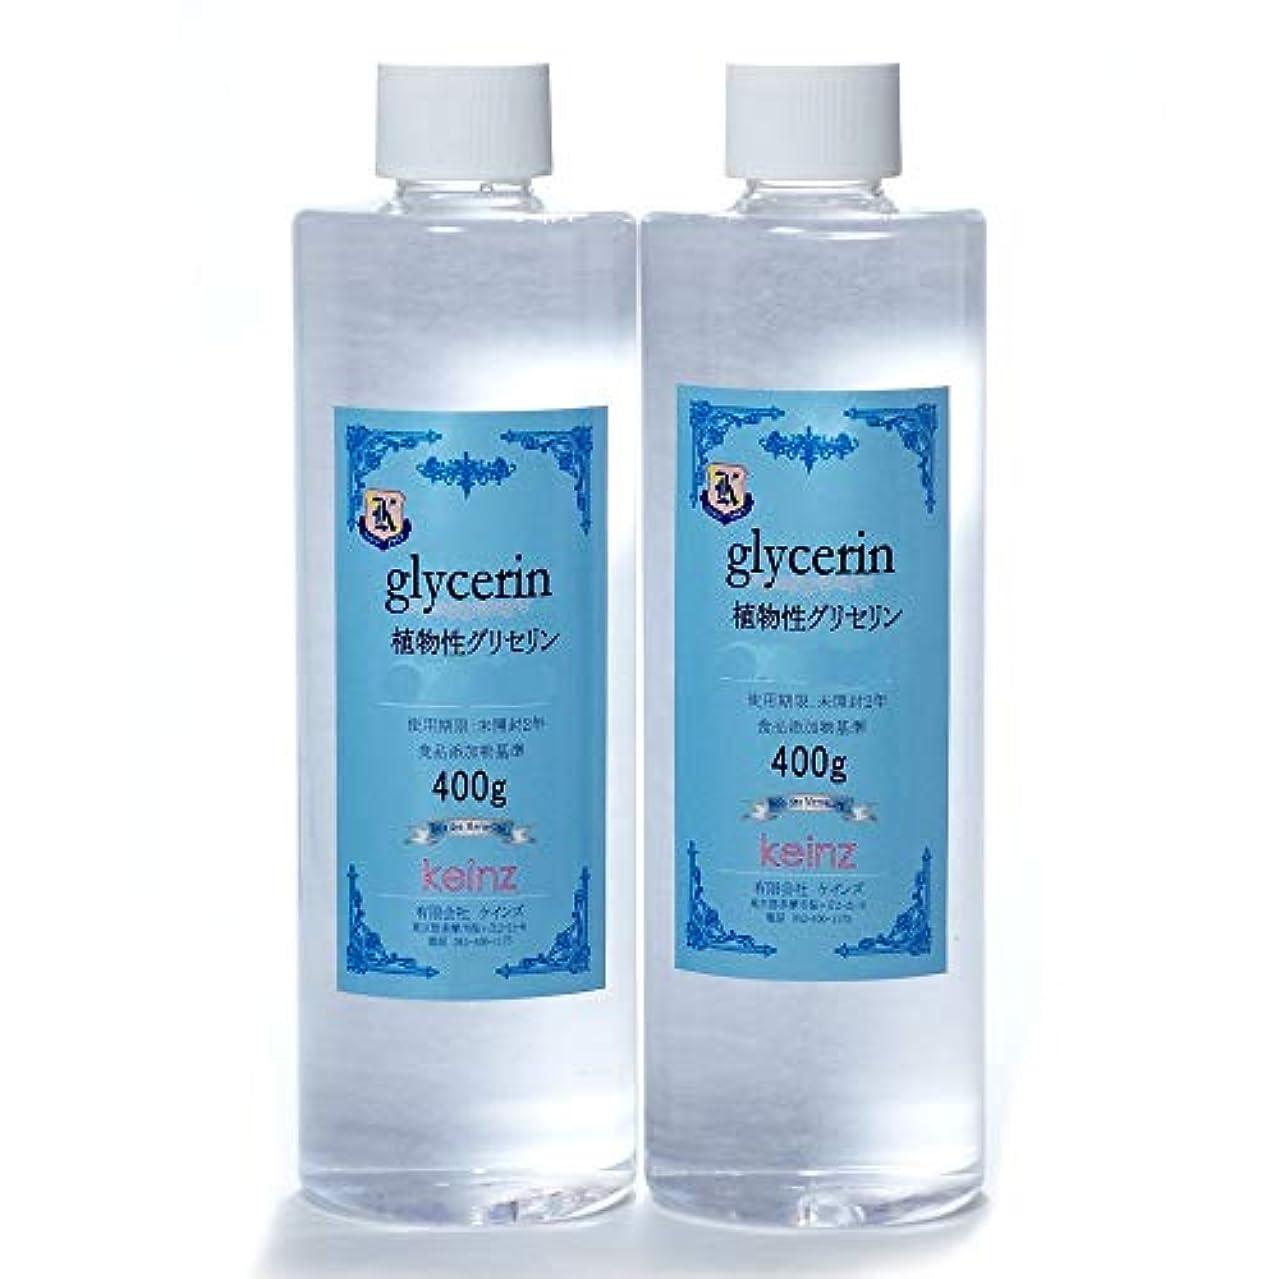 特別な義務記述するkeinz 品質の良いグリセリン 植物性 800g(400g 2本) 純度99.9~100% 化粧品材料 keinz正規品 食品添加物基準につき化粧品グレードより純度が高い。日本製